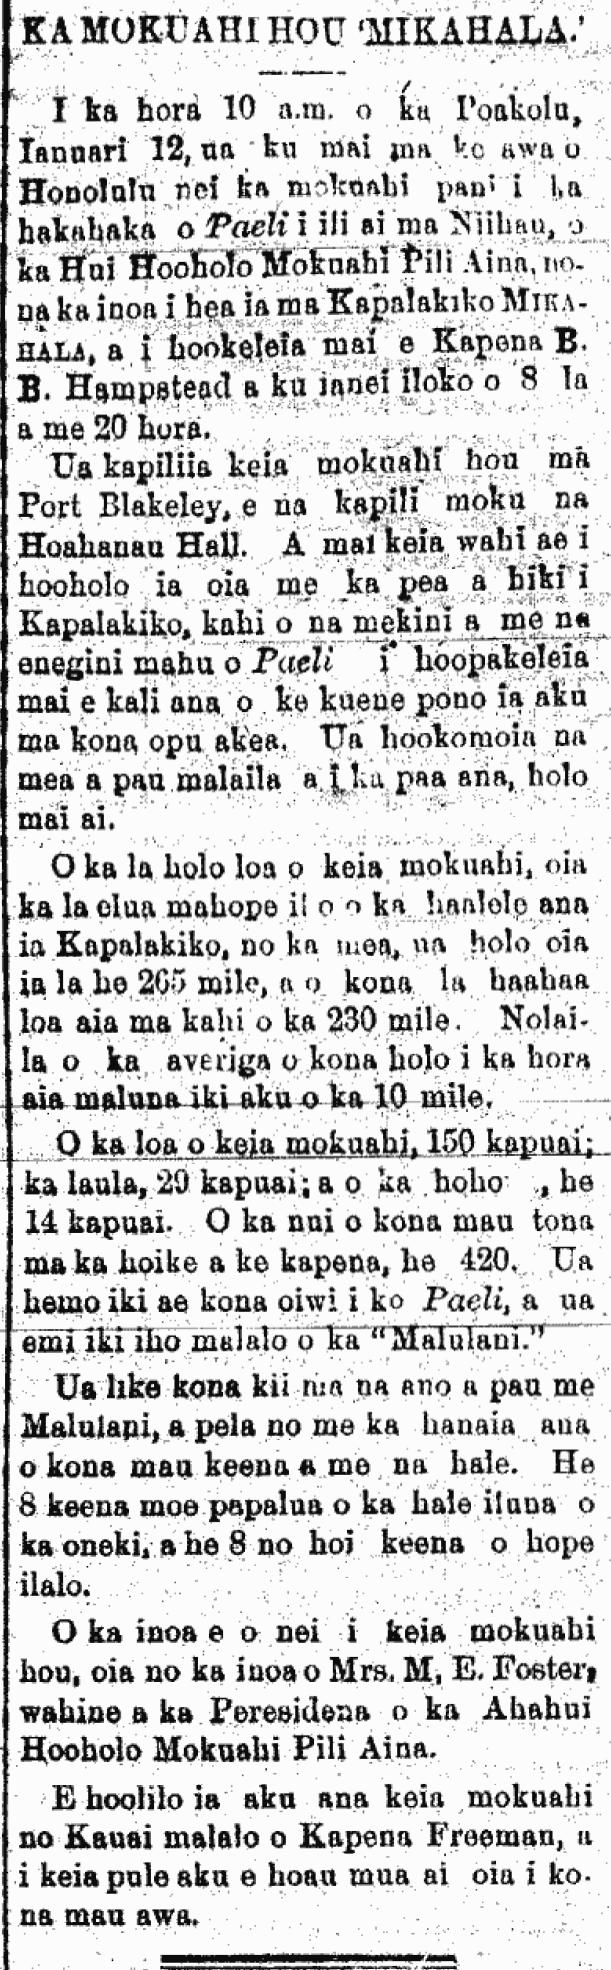 KA MOKUAHI HOU ʻMIKAHALA.ʻ